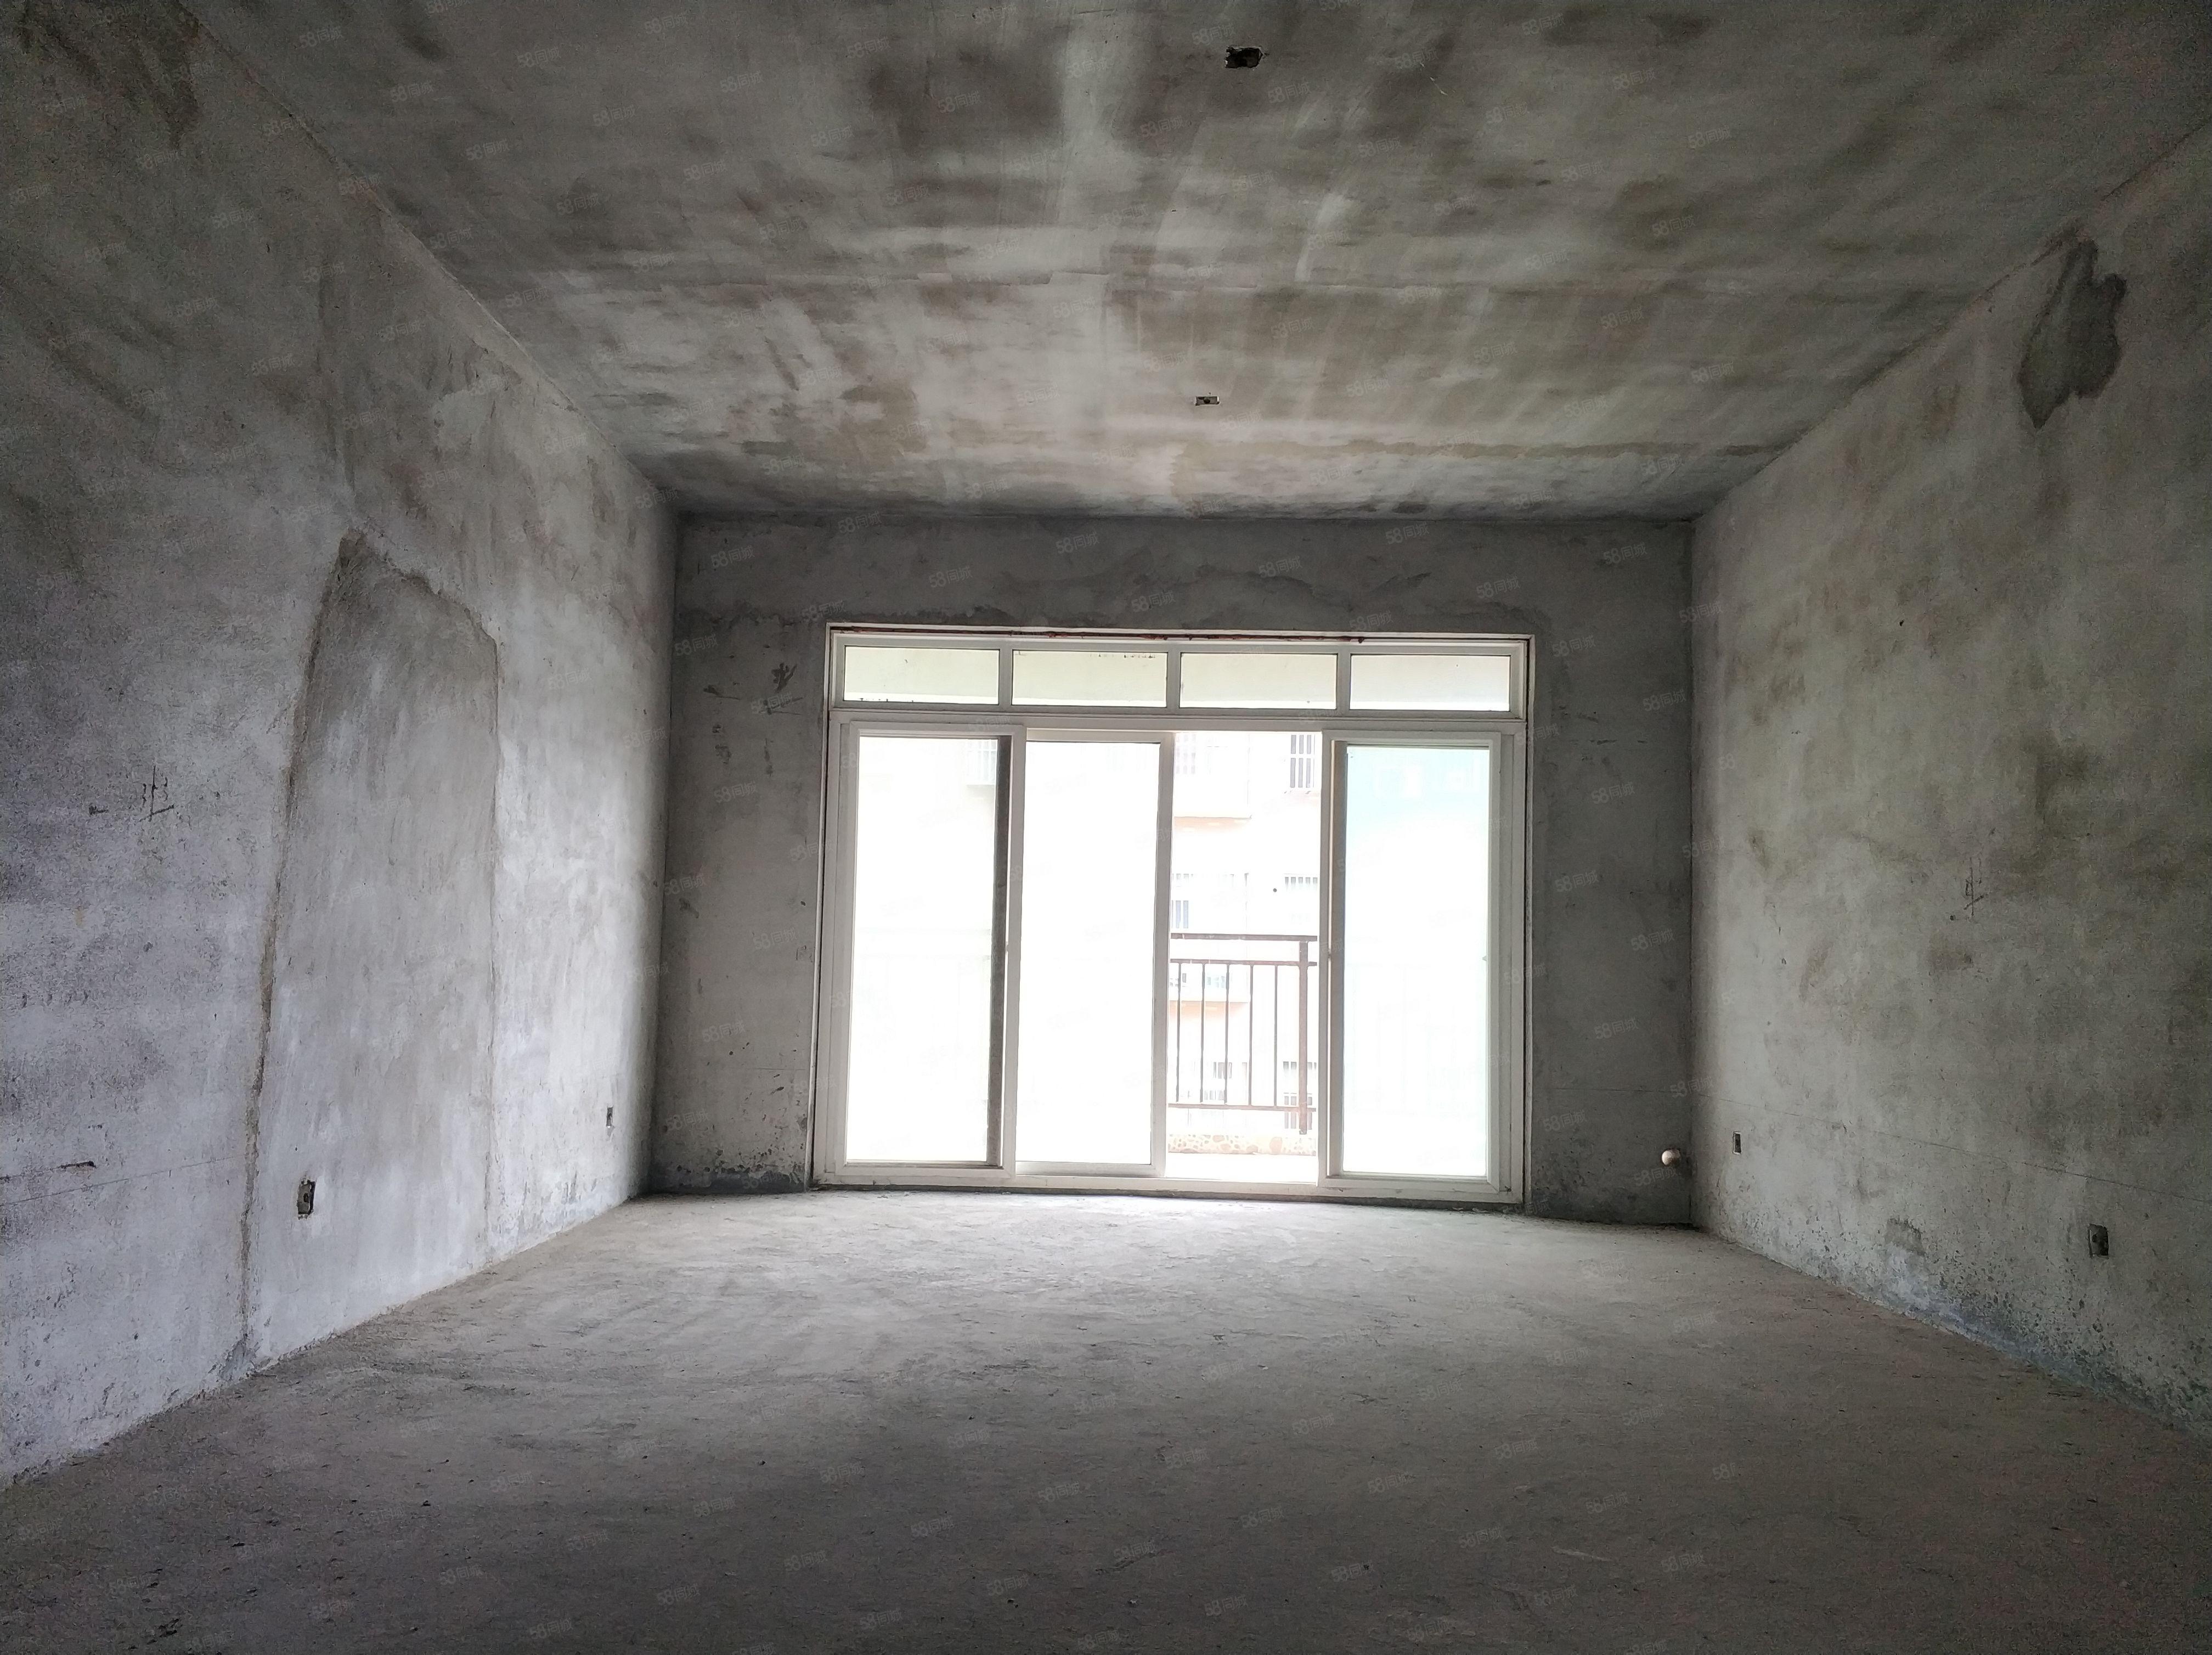 西湖明珠毛坯三室槐蔭公園旁帶20平車庫玉泉分校學區